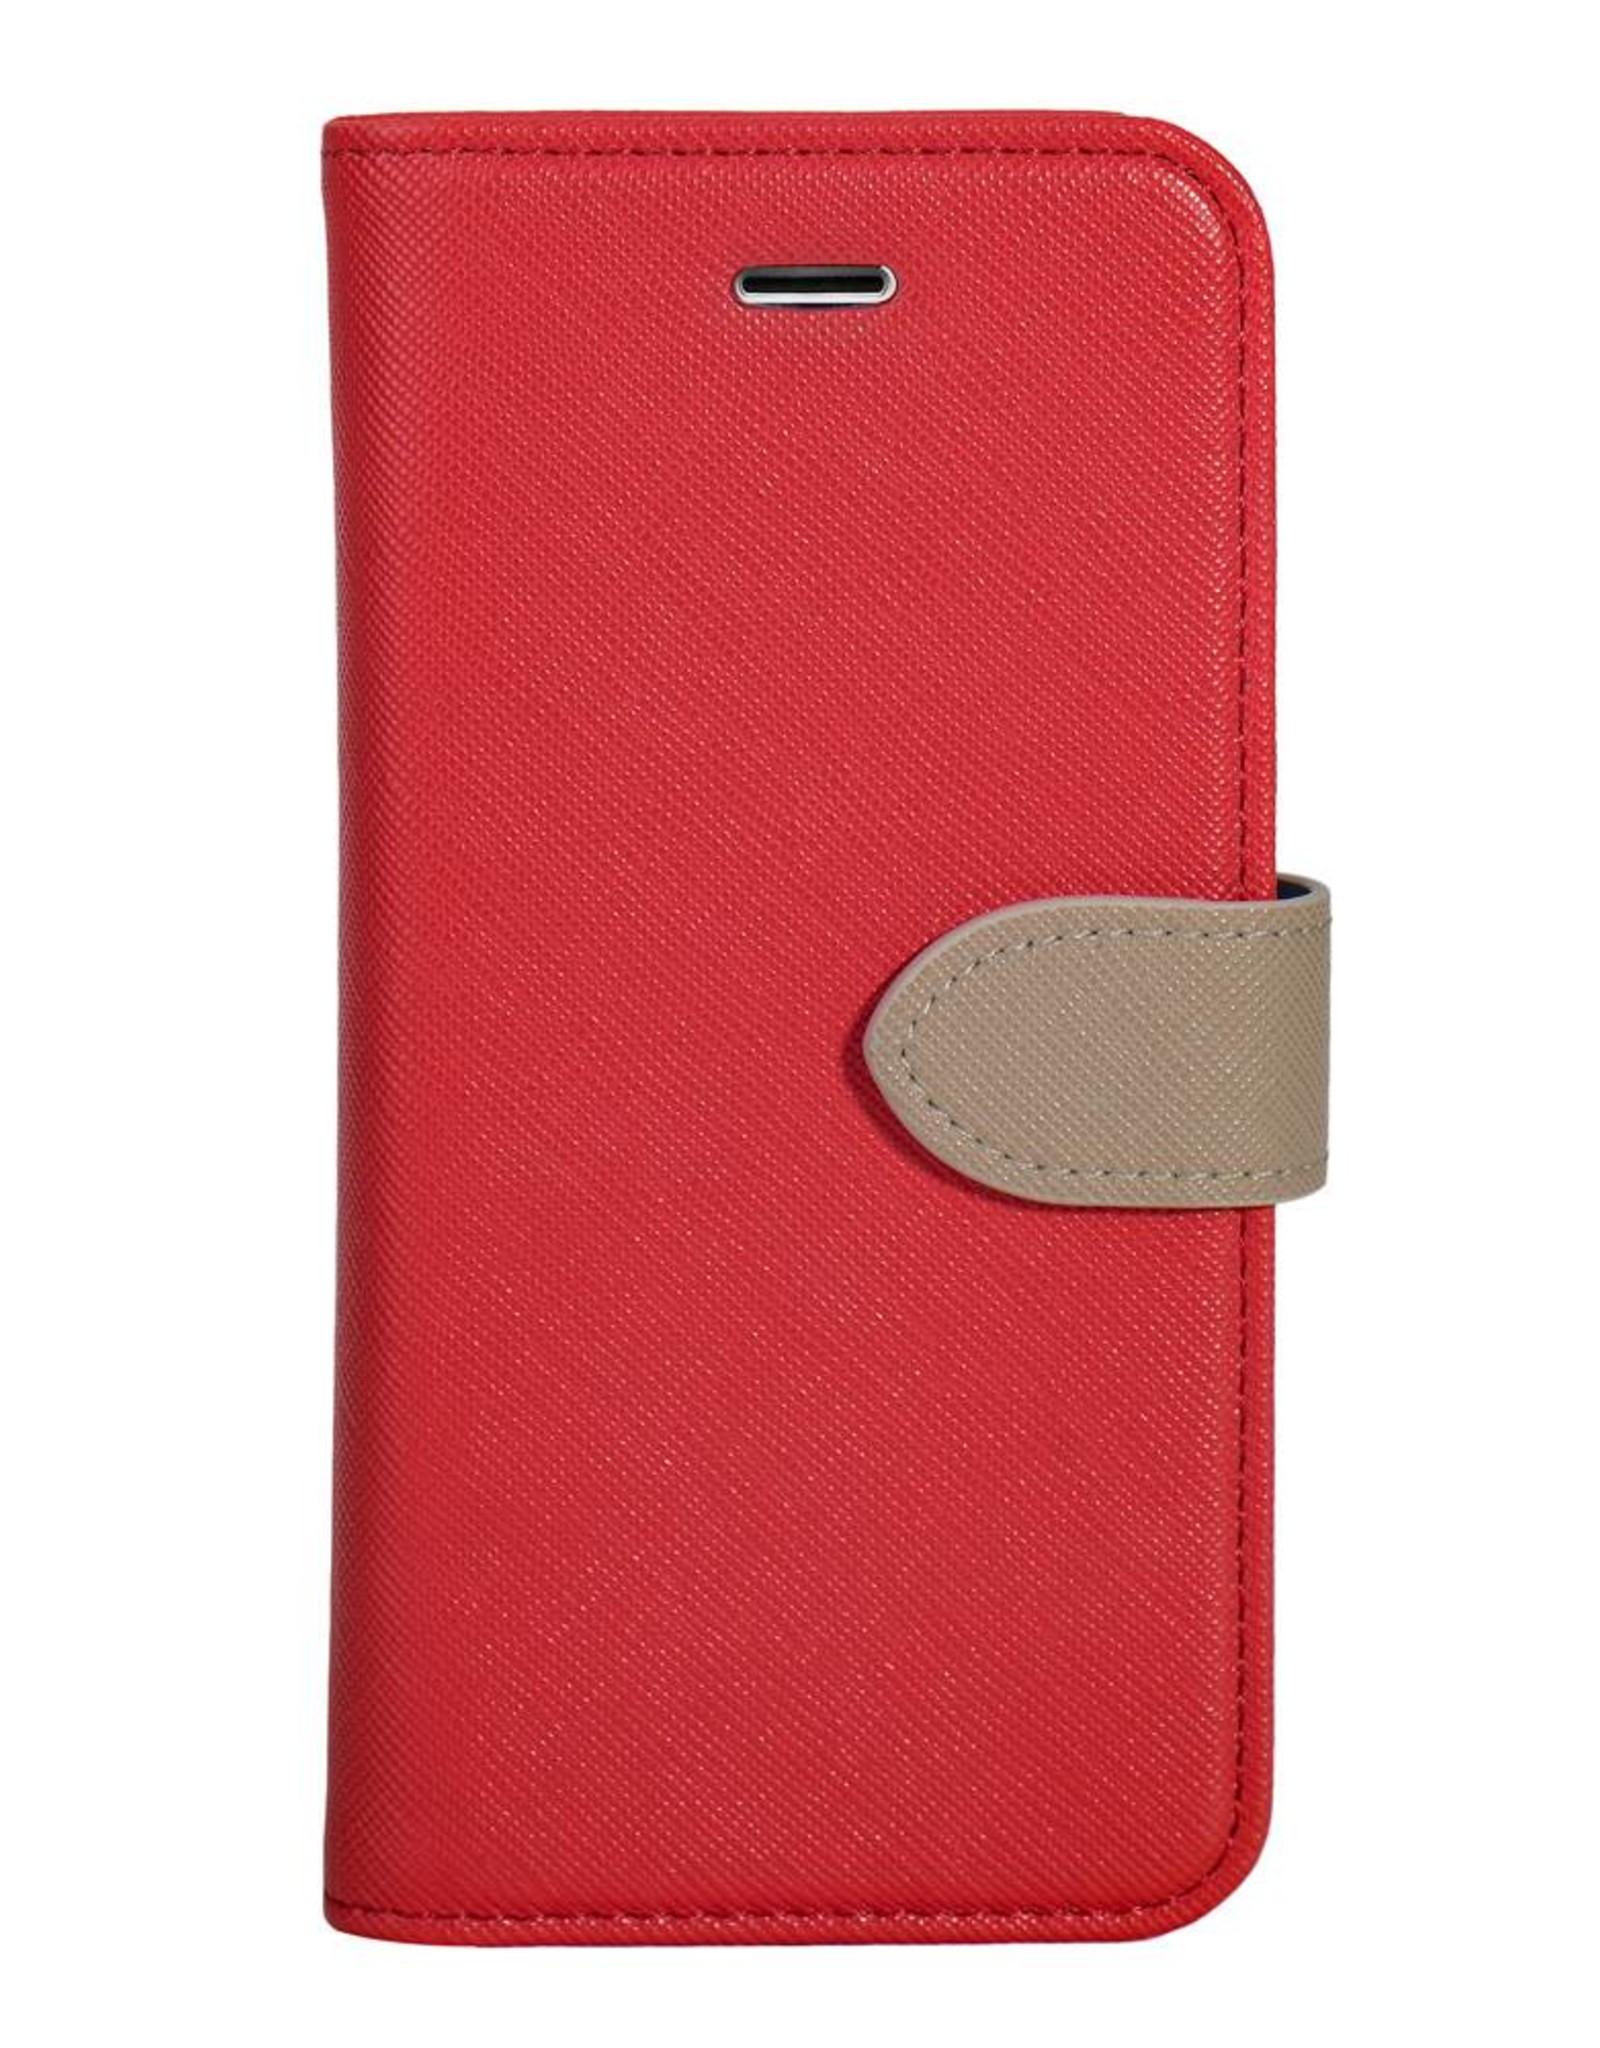 Blu Element Blu Element   iPhone XR 2 in 1 Folio Case Red/Butterum   120-0830